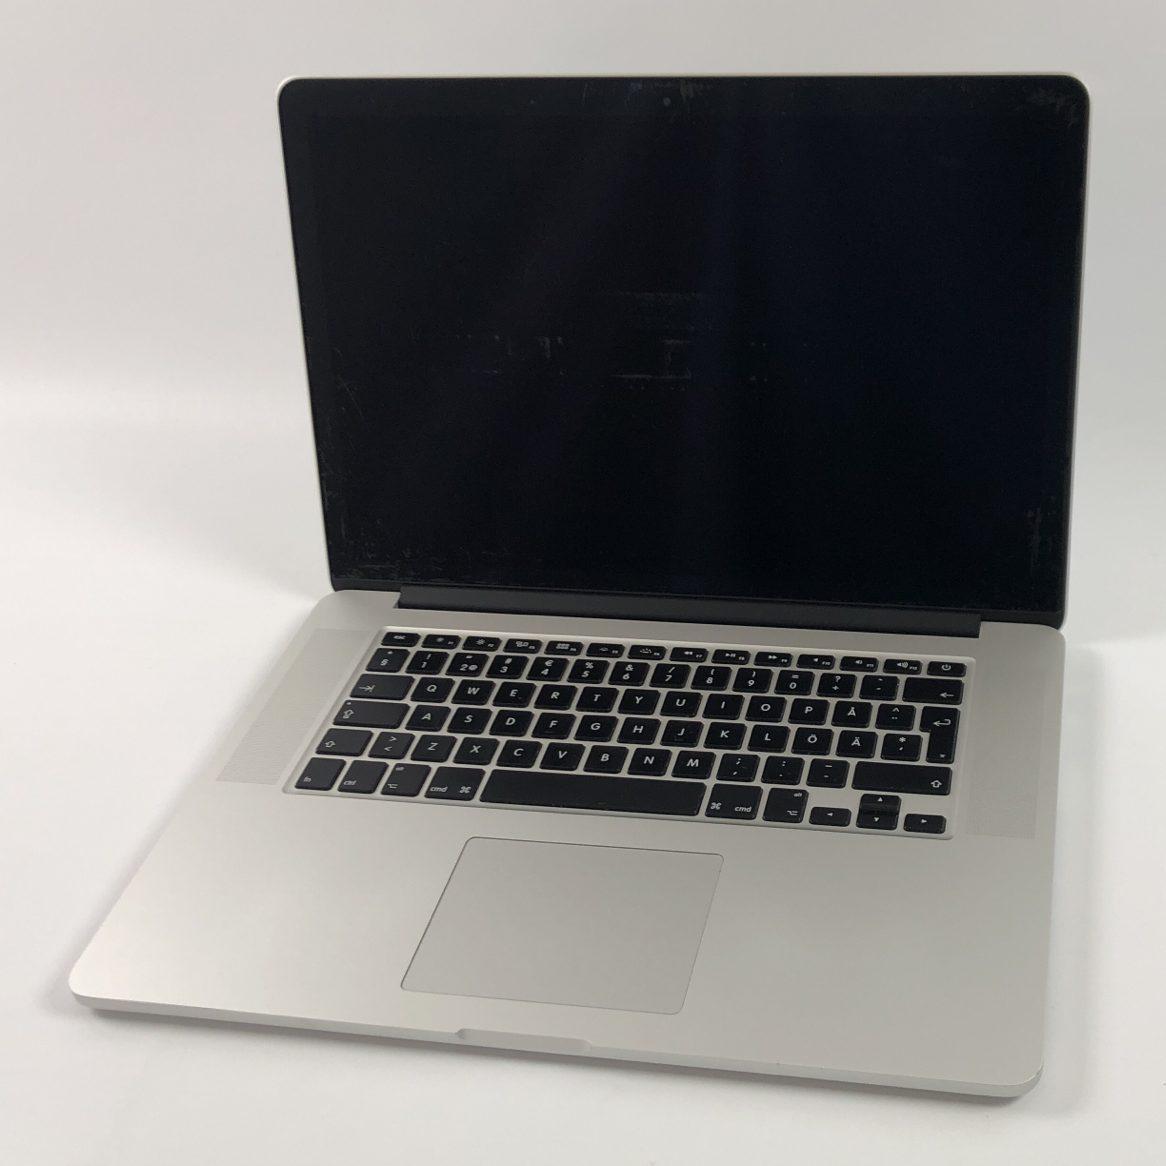 """MacBook Pro Retina 15"""" Mid 2014 (Intel Quad-Core i7 2.5 GHz 16 GB RAM 512 GB SSD), Intel Quad-Core i7 2.5 GHz, 16 GB RAM, 512 GB SSD, Kuva 1"""